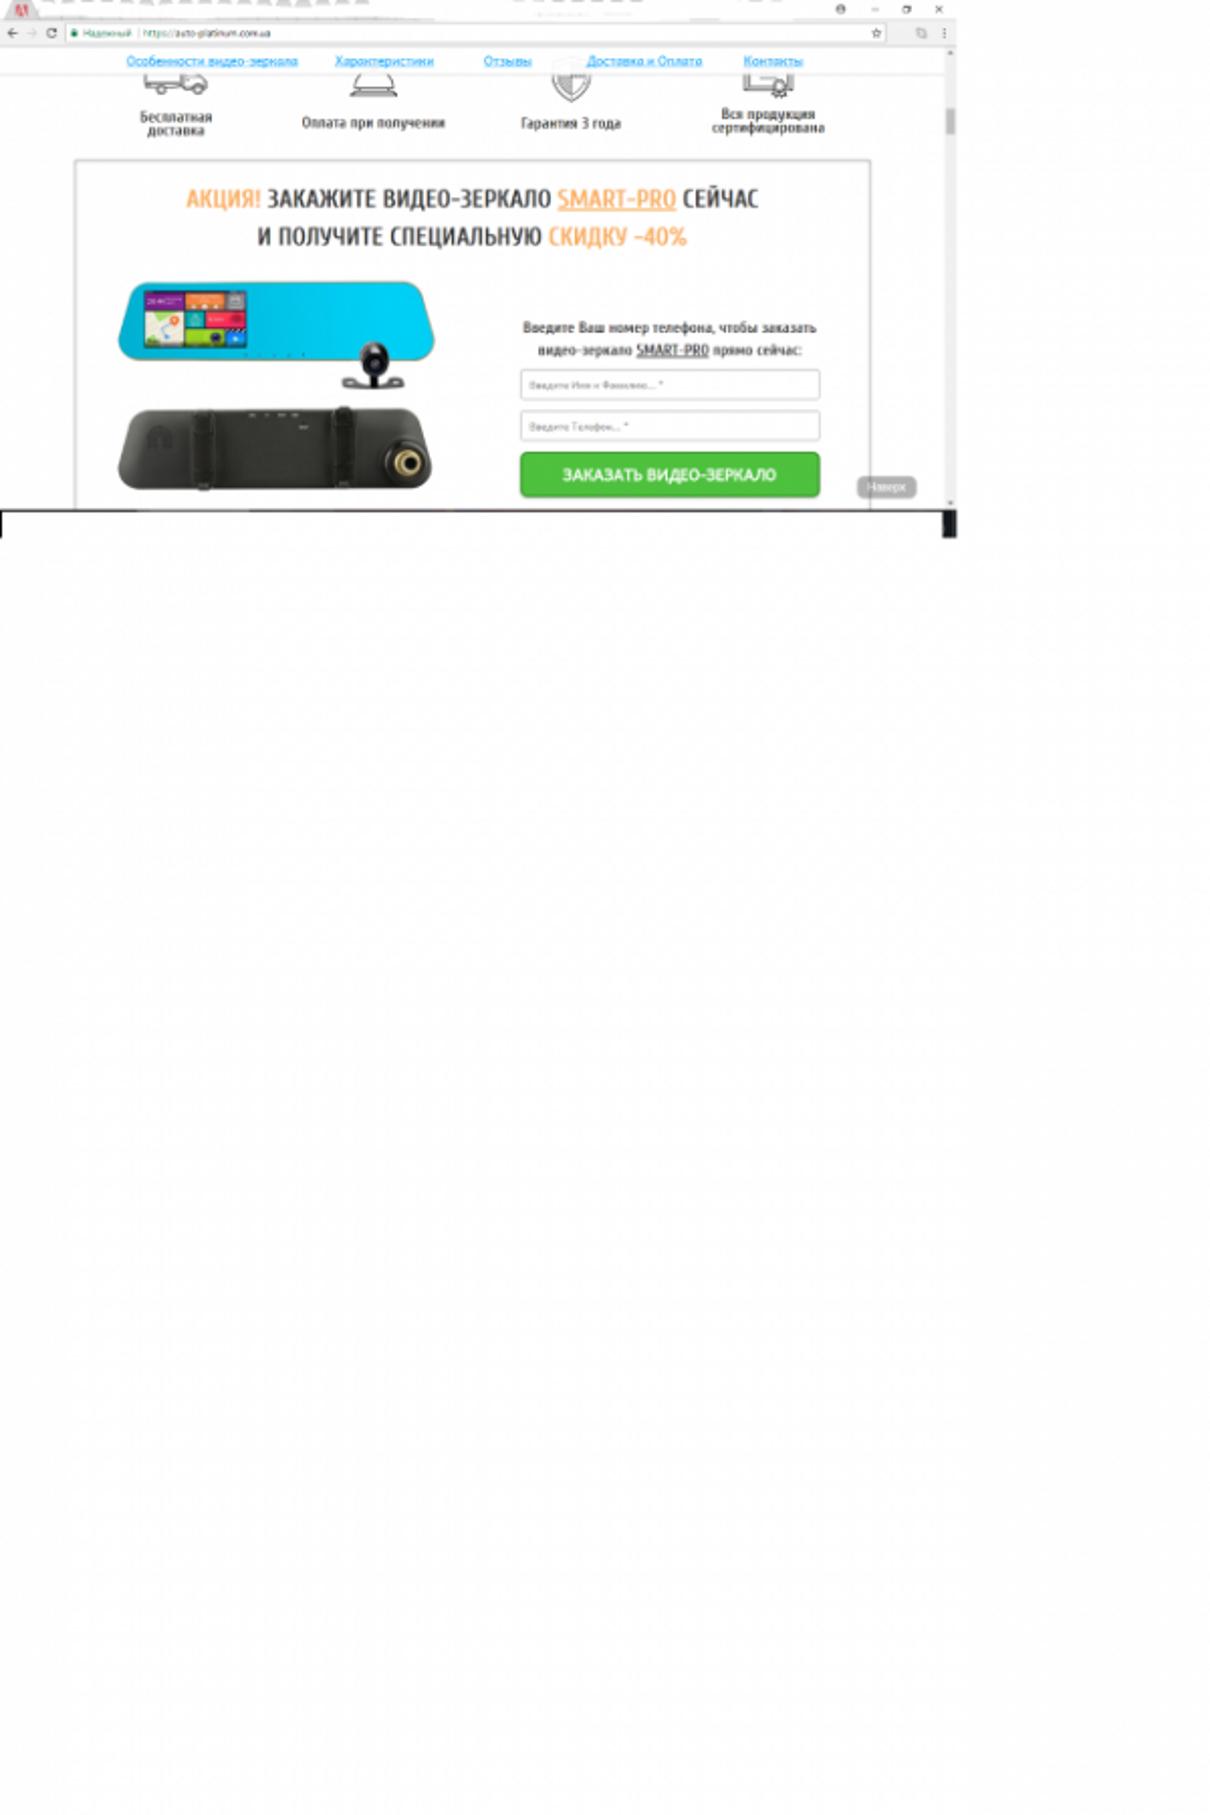 Жалоба-отзыв: Панкратов Николай Дмитриевич https://auto-platinum.com.ua - Занимается лохотроном, продаёт по цене 2999 зеркало видеорегистратор по цене 600 грн.  Фото №3